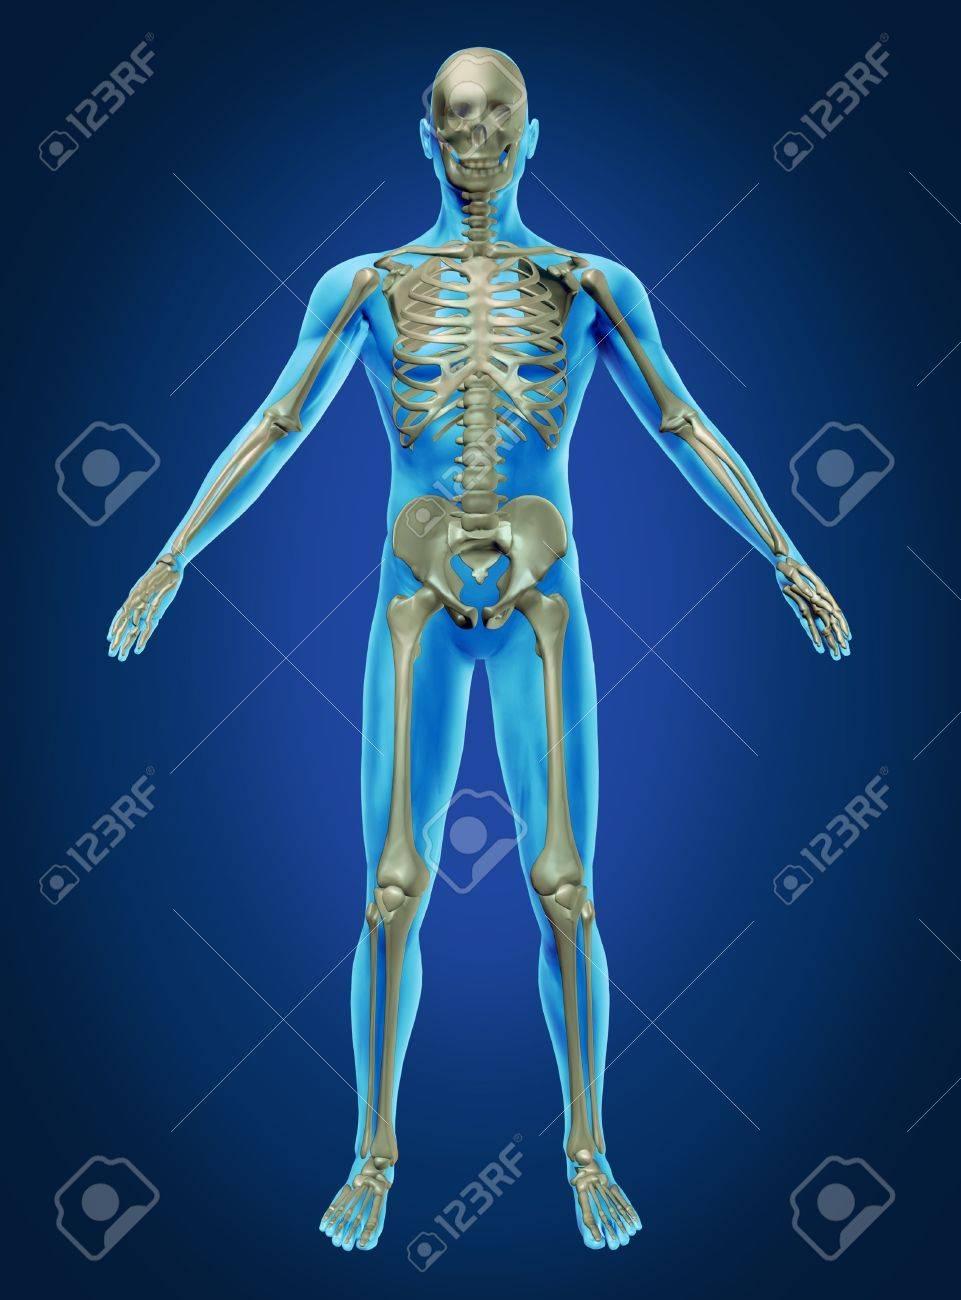 El Cuerpo Humano Y El Esqueleto Con La Anatomía Del Esqueleto En Un ...